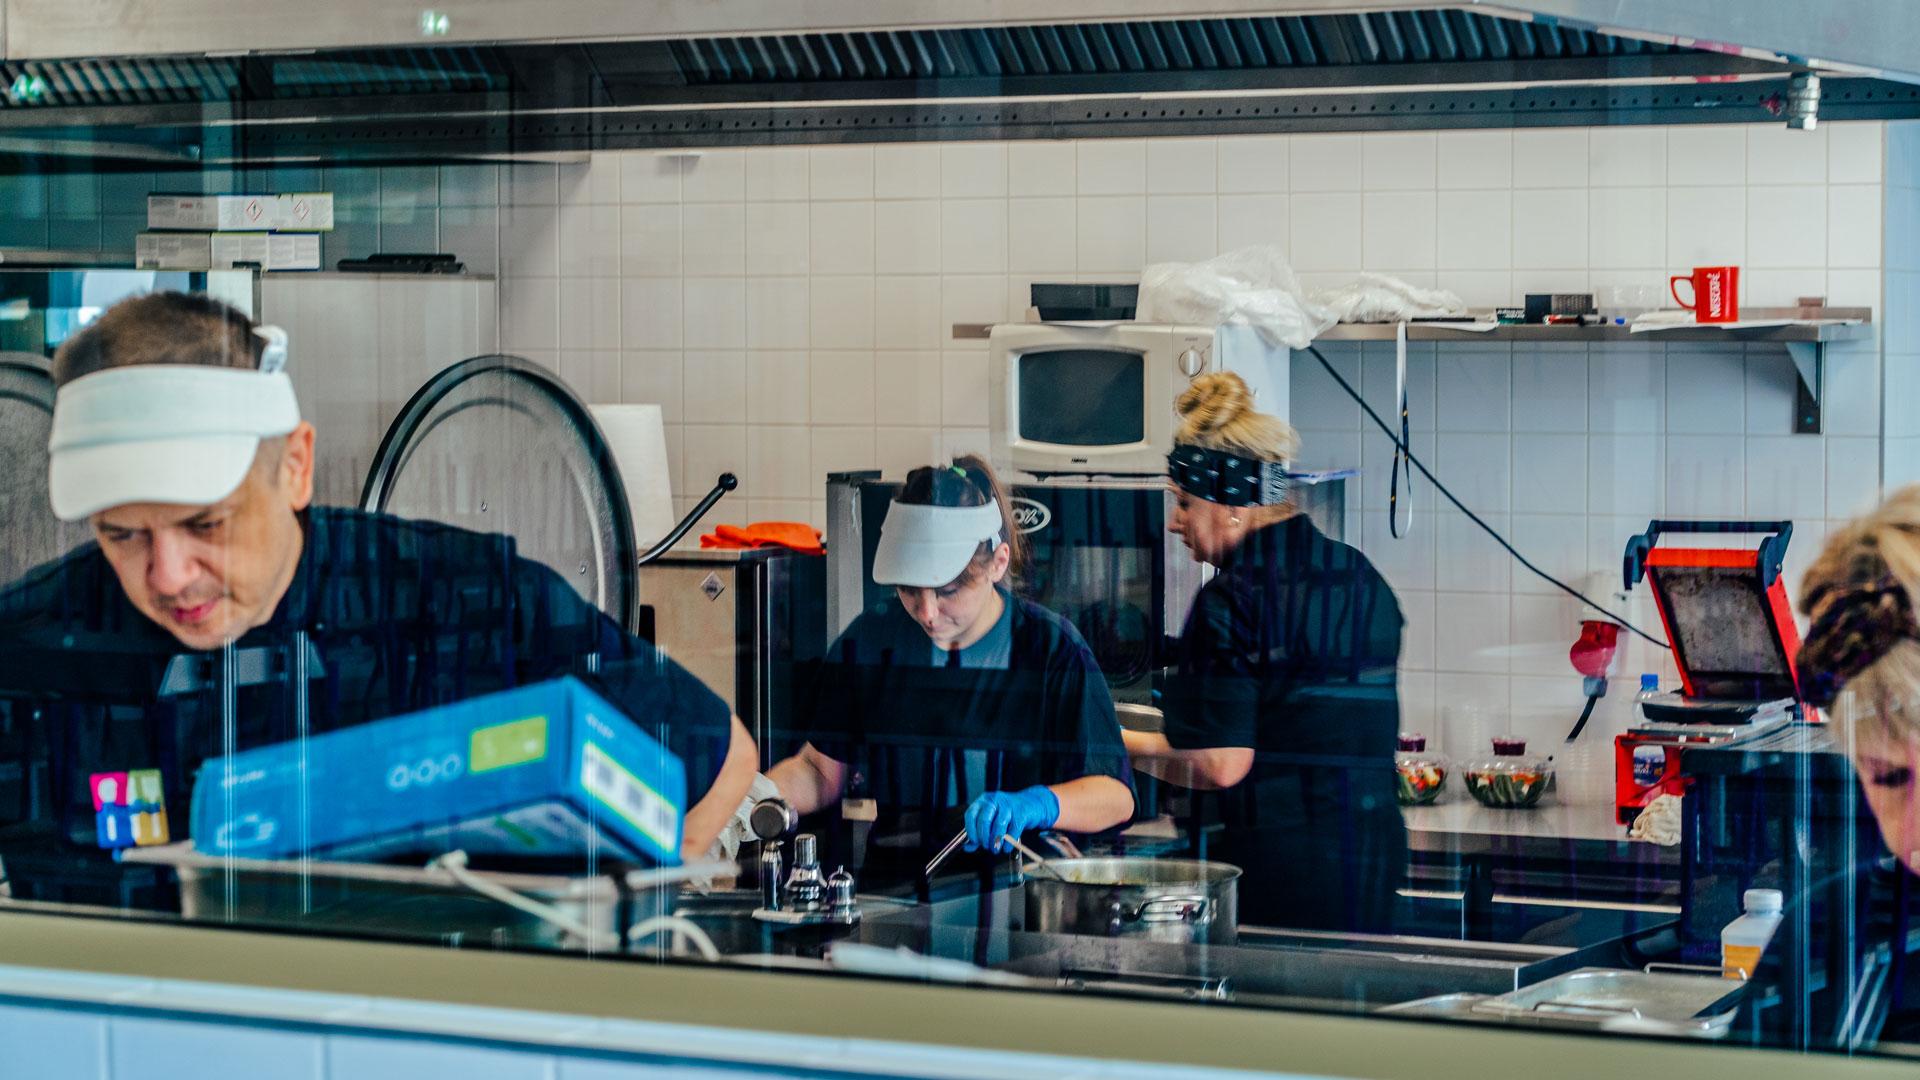 Bluebar Catering dietetyczny Warszawa - Nasza specjalność to catering dla szkół i przedszkoli.